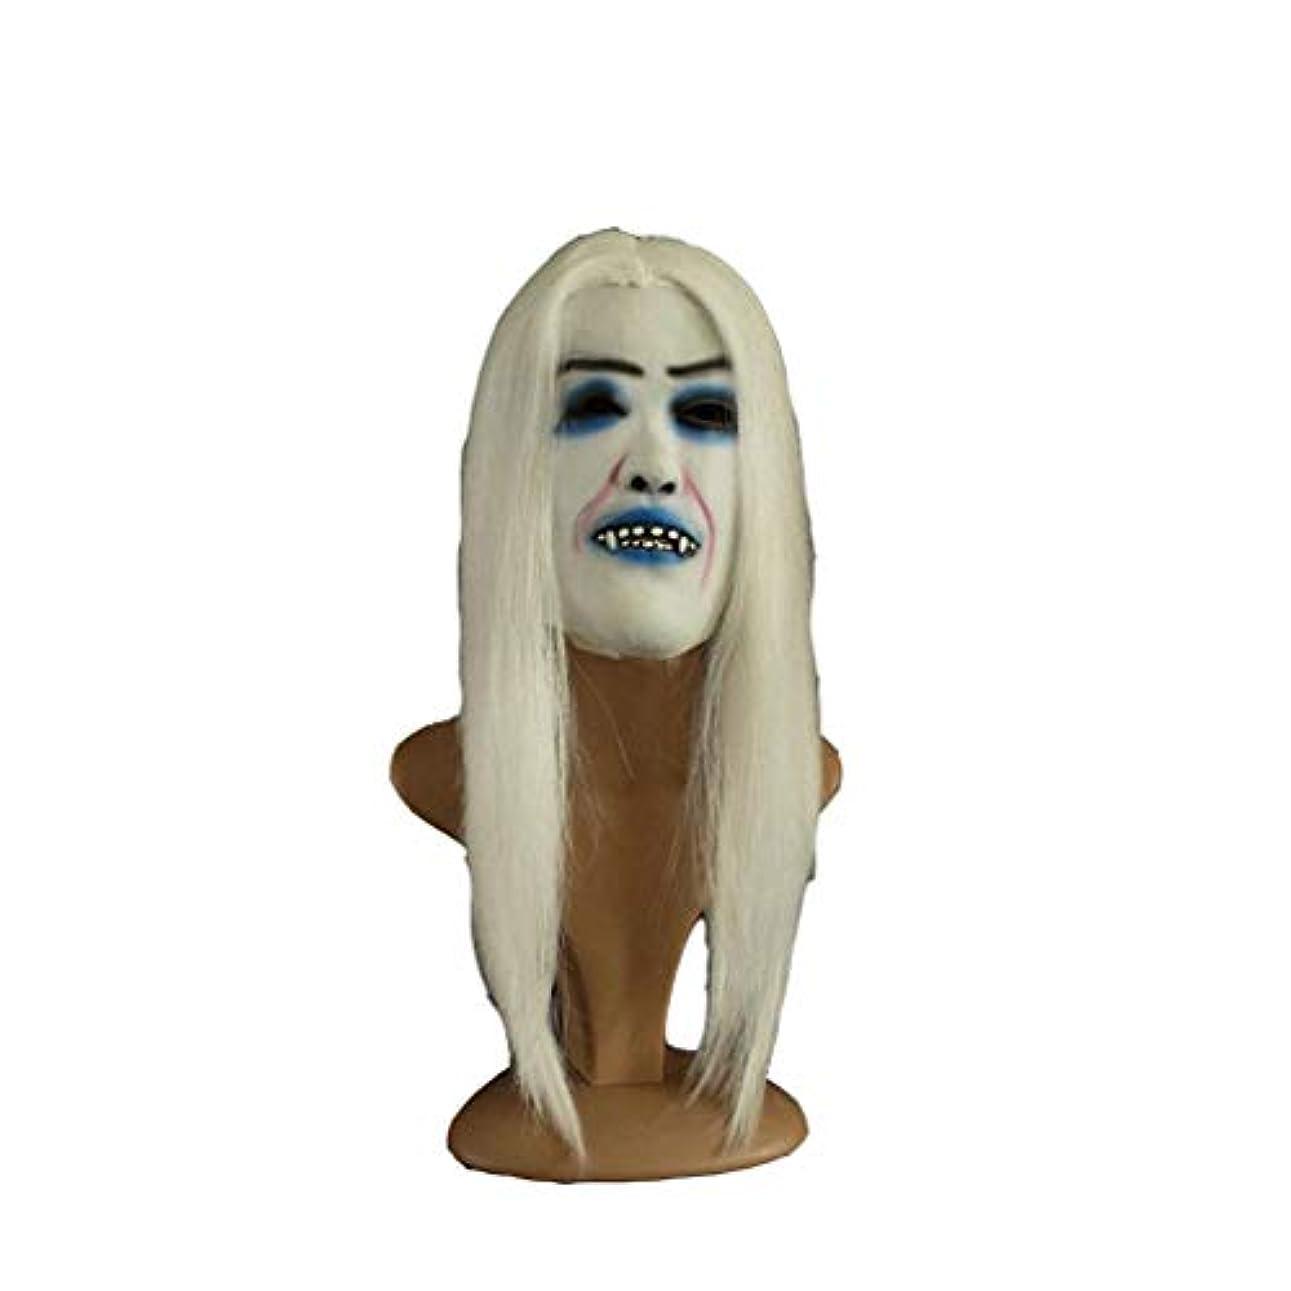 系譜垂直尋ねるハロウィンホラーマスク、白の顔をしかめたかつらコスプレ怖い吸血鬼のかつら22 * 21 cm髪の長さ67 cm